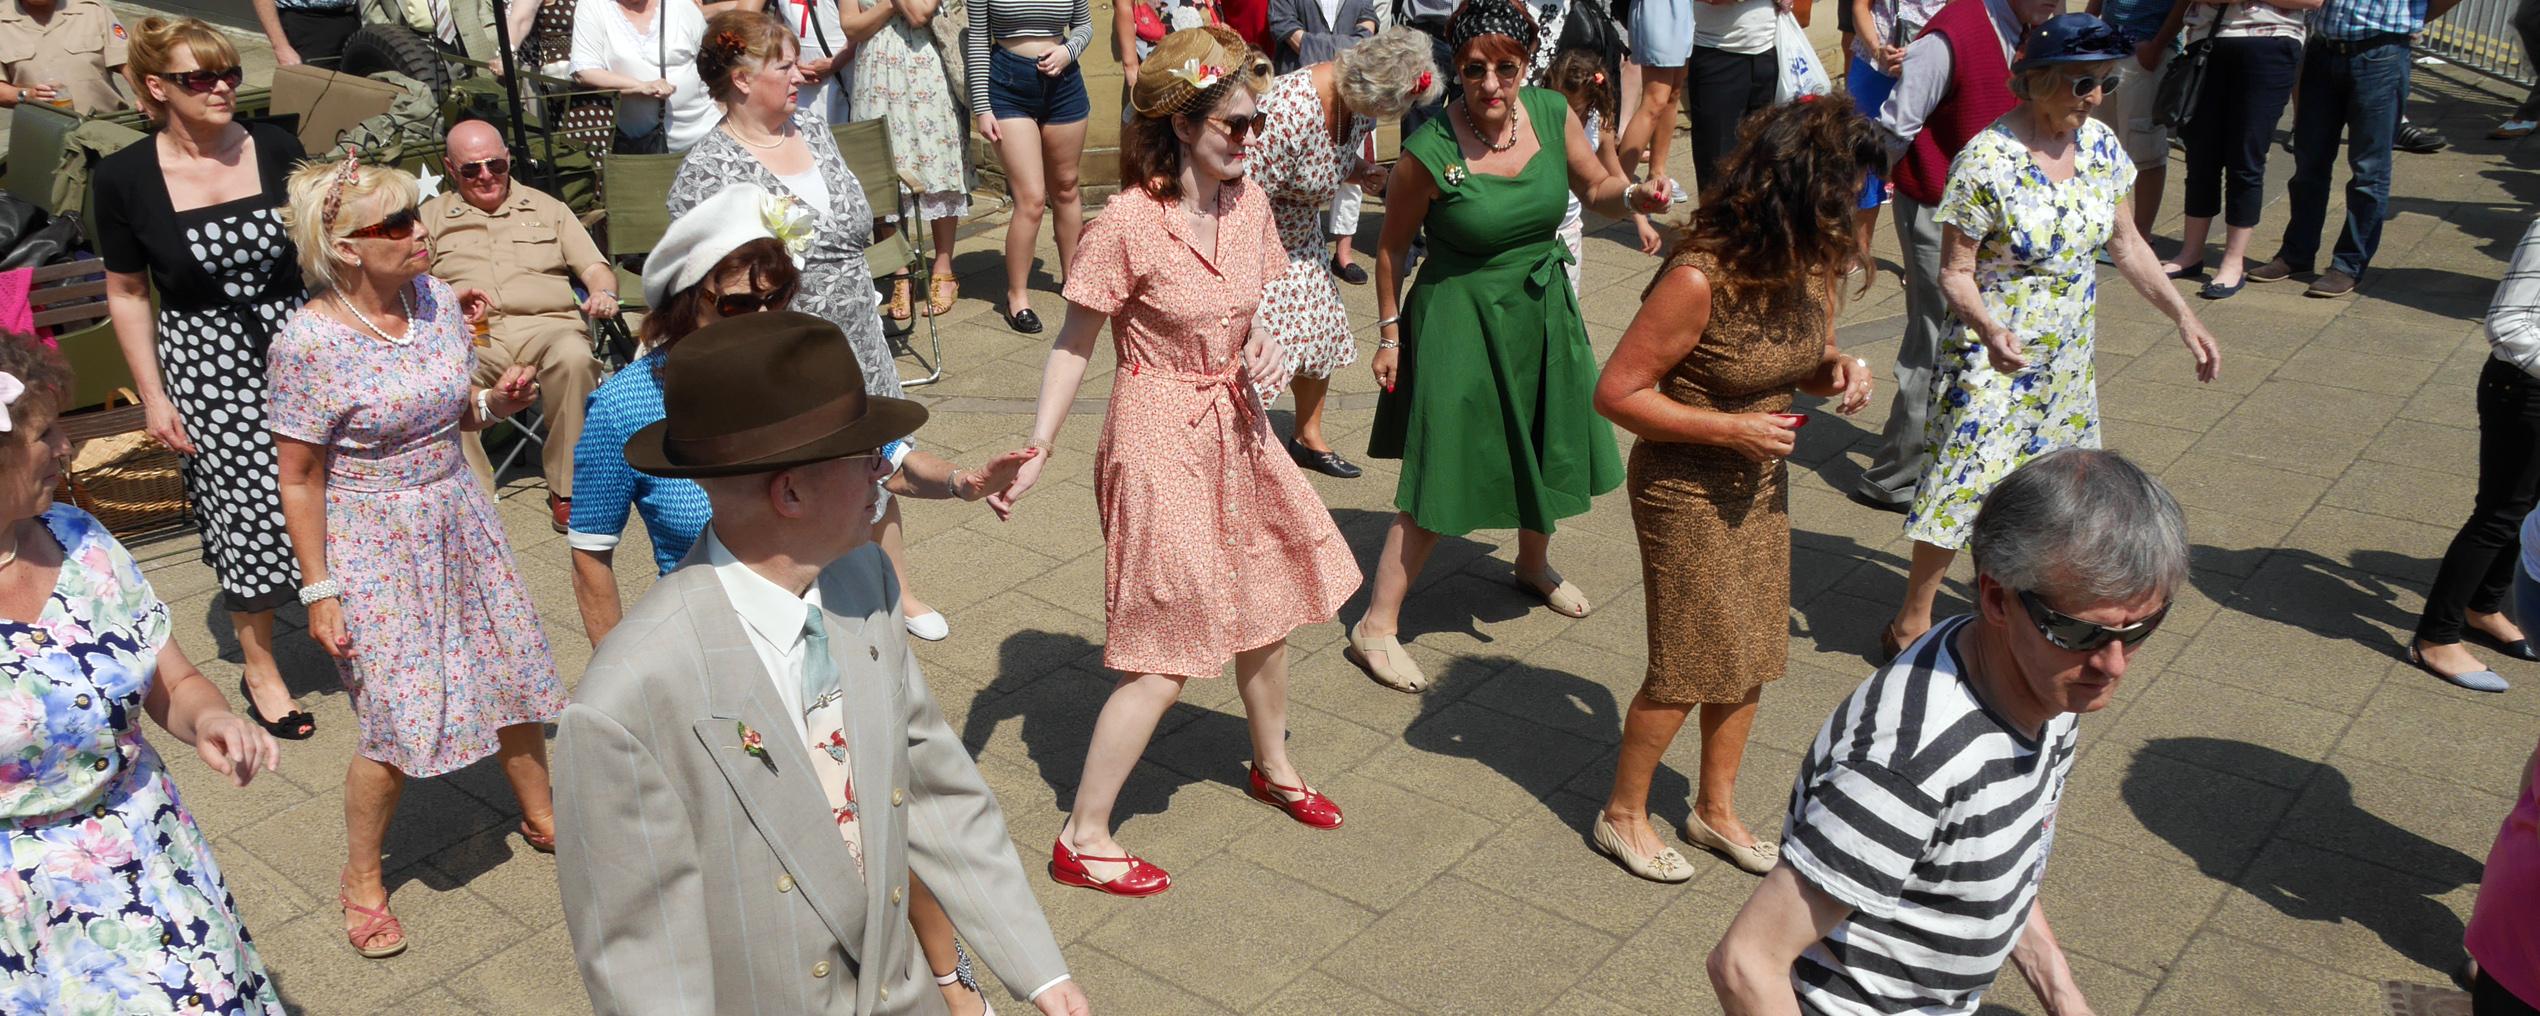 Brighouse 1940s Weekend Dancing 02